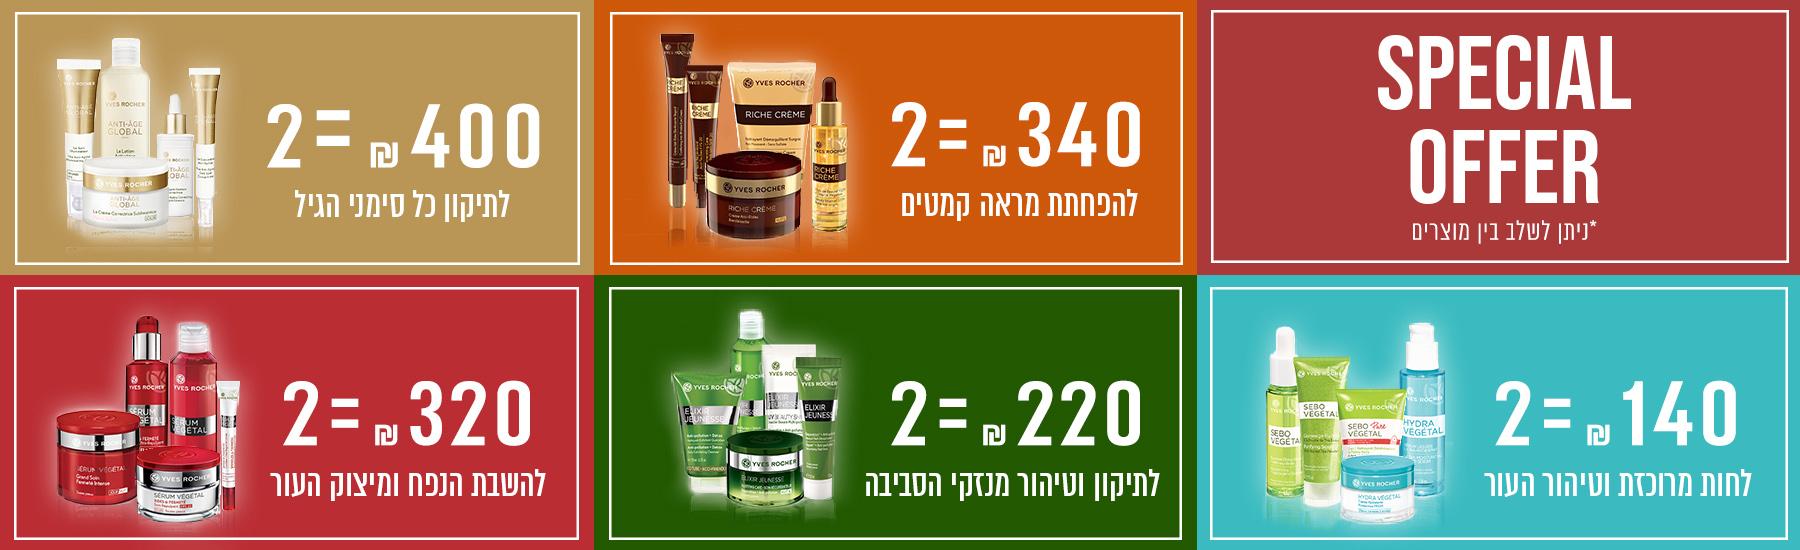 בחרי 2 מוצרים מסדרת טיפוח הפנים האהובה עליך במחיר מדהים!